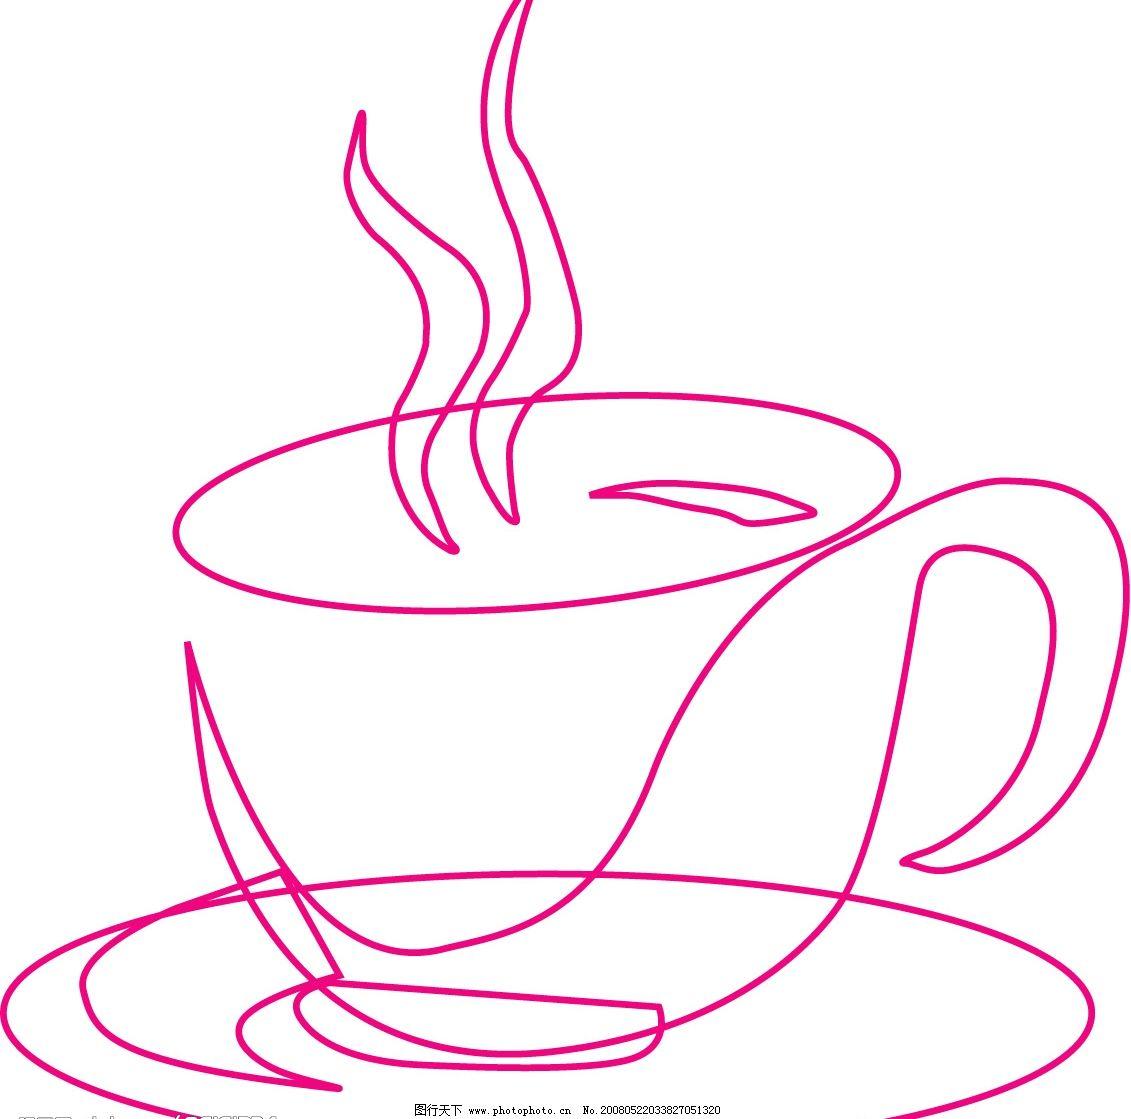 咖啡杯 其他矢量 矢量素材 矢量图库   ai